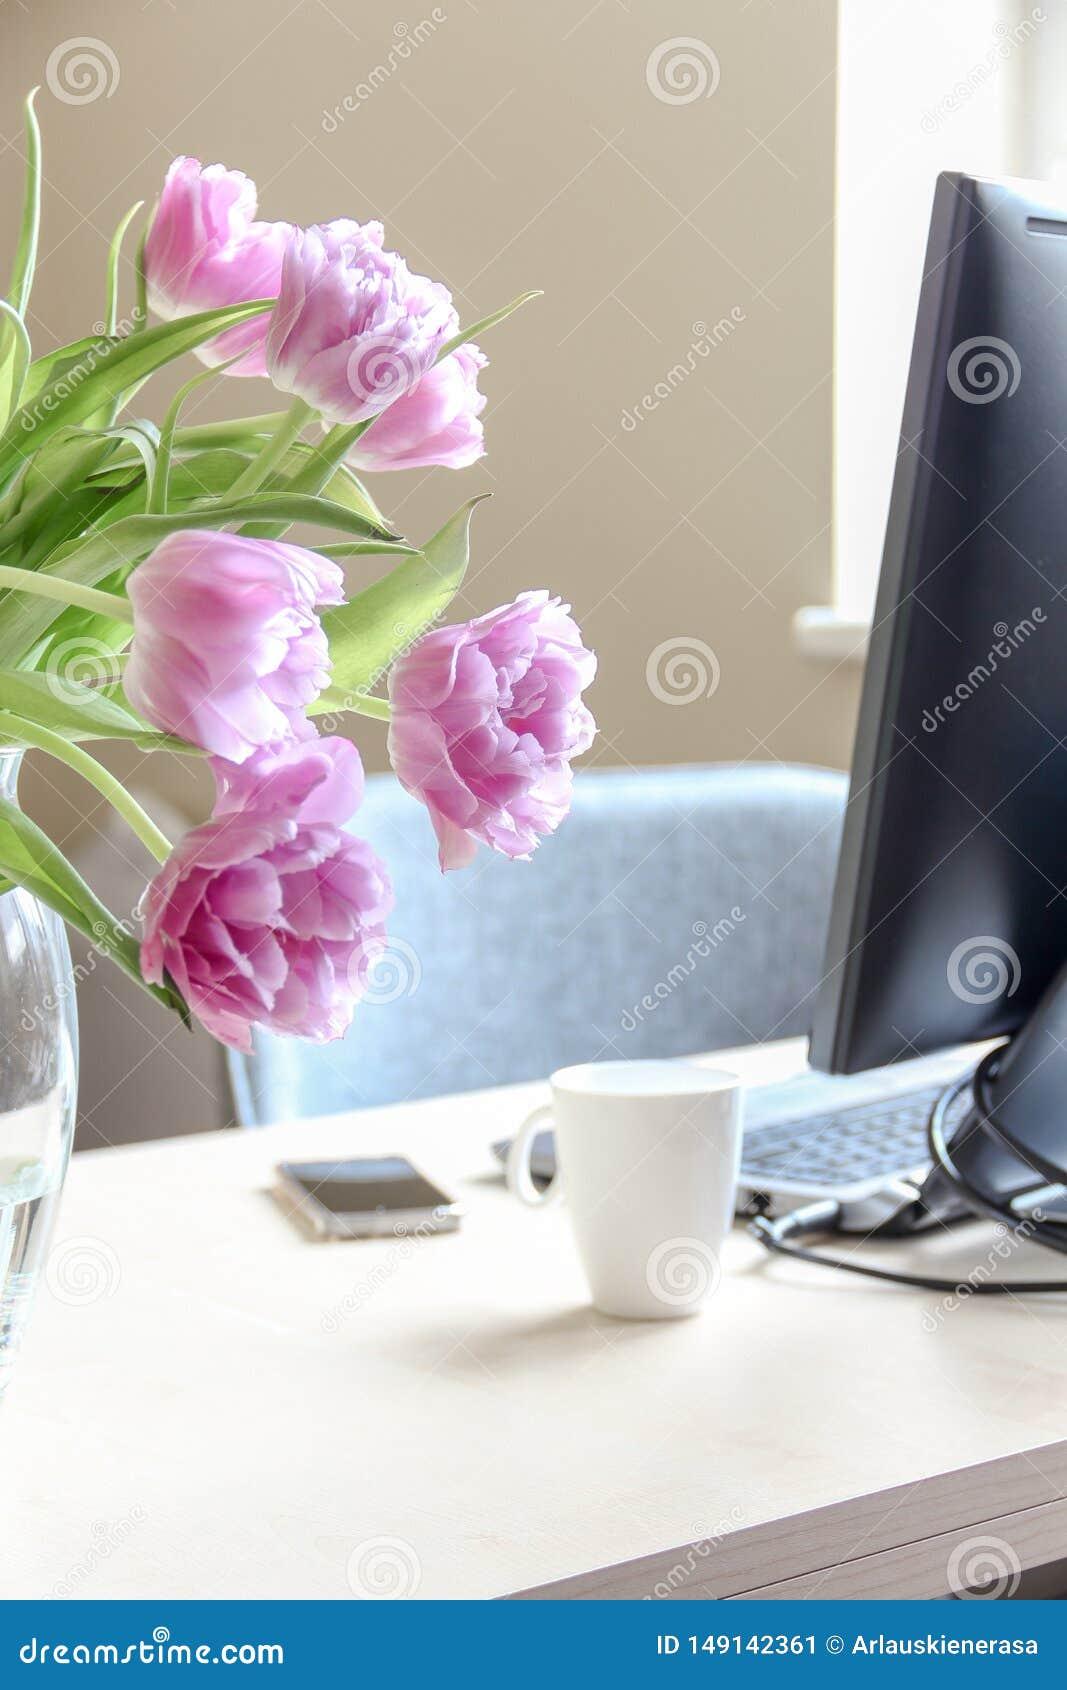 Gem?tlicher Arbeitsraum und ein Blumenstrau? von rosa Tulpen in einem Vase